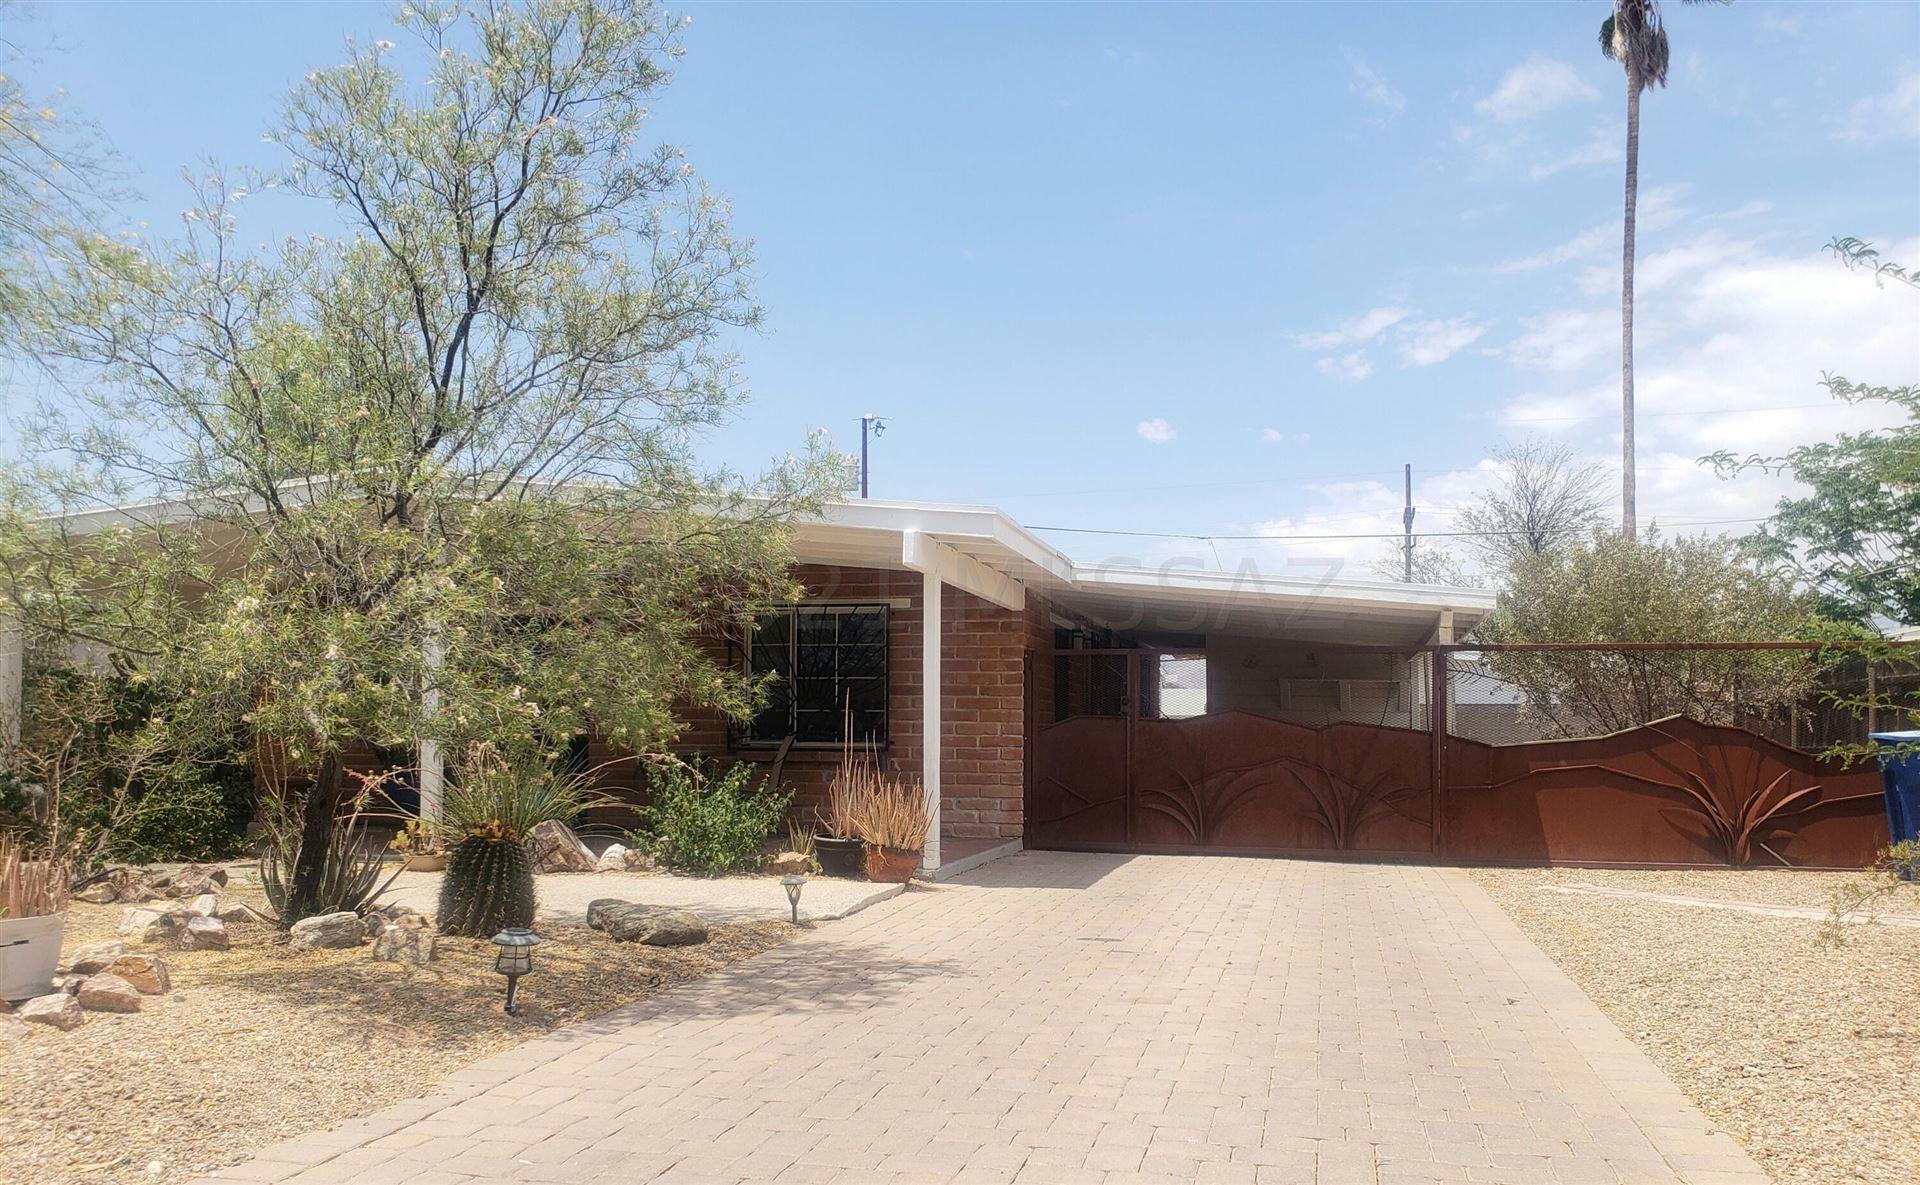 5809 E Helen Street, Tucson, AZ 85712 - MLS#: 22114587